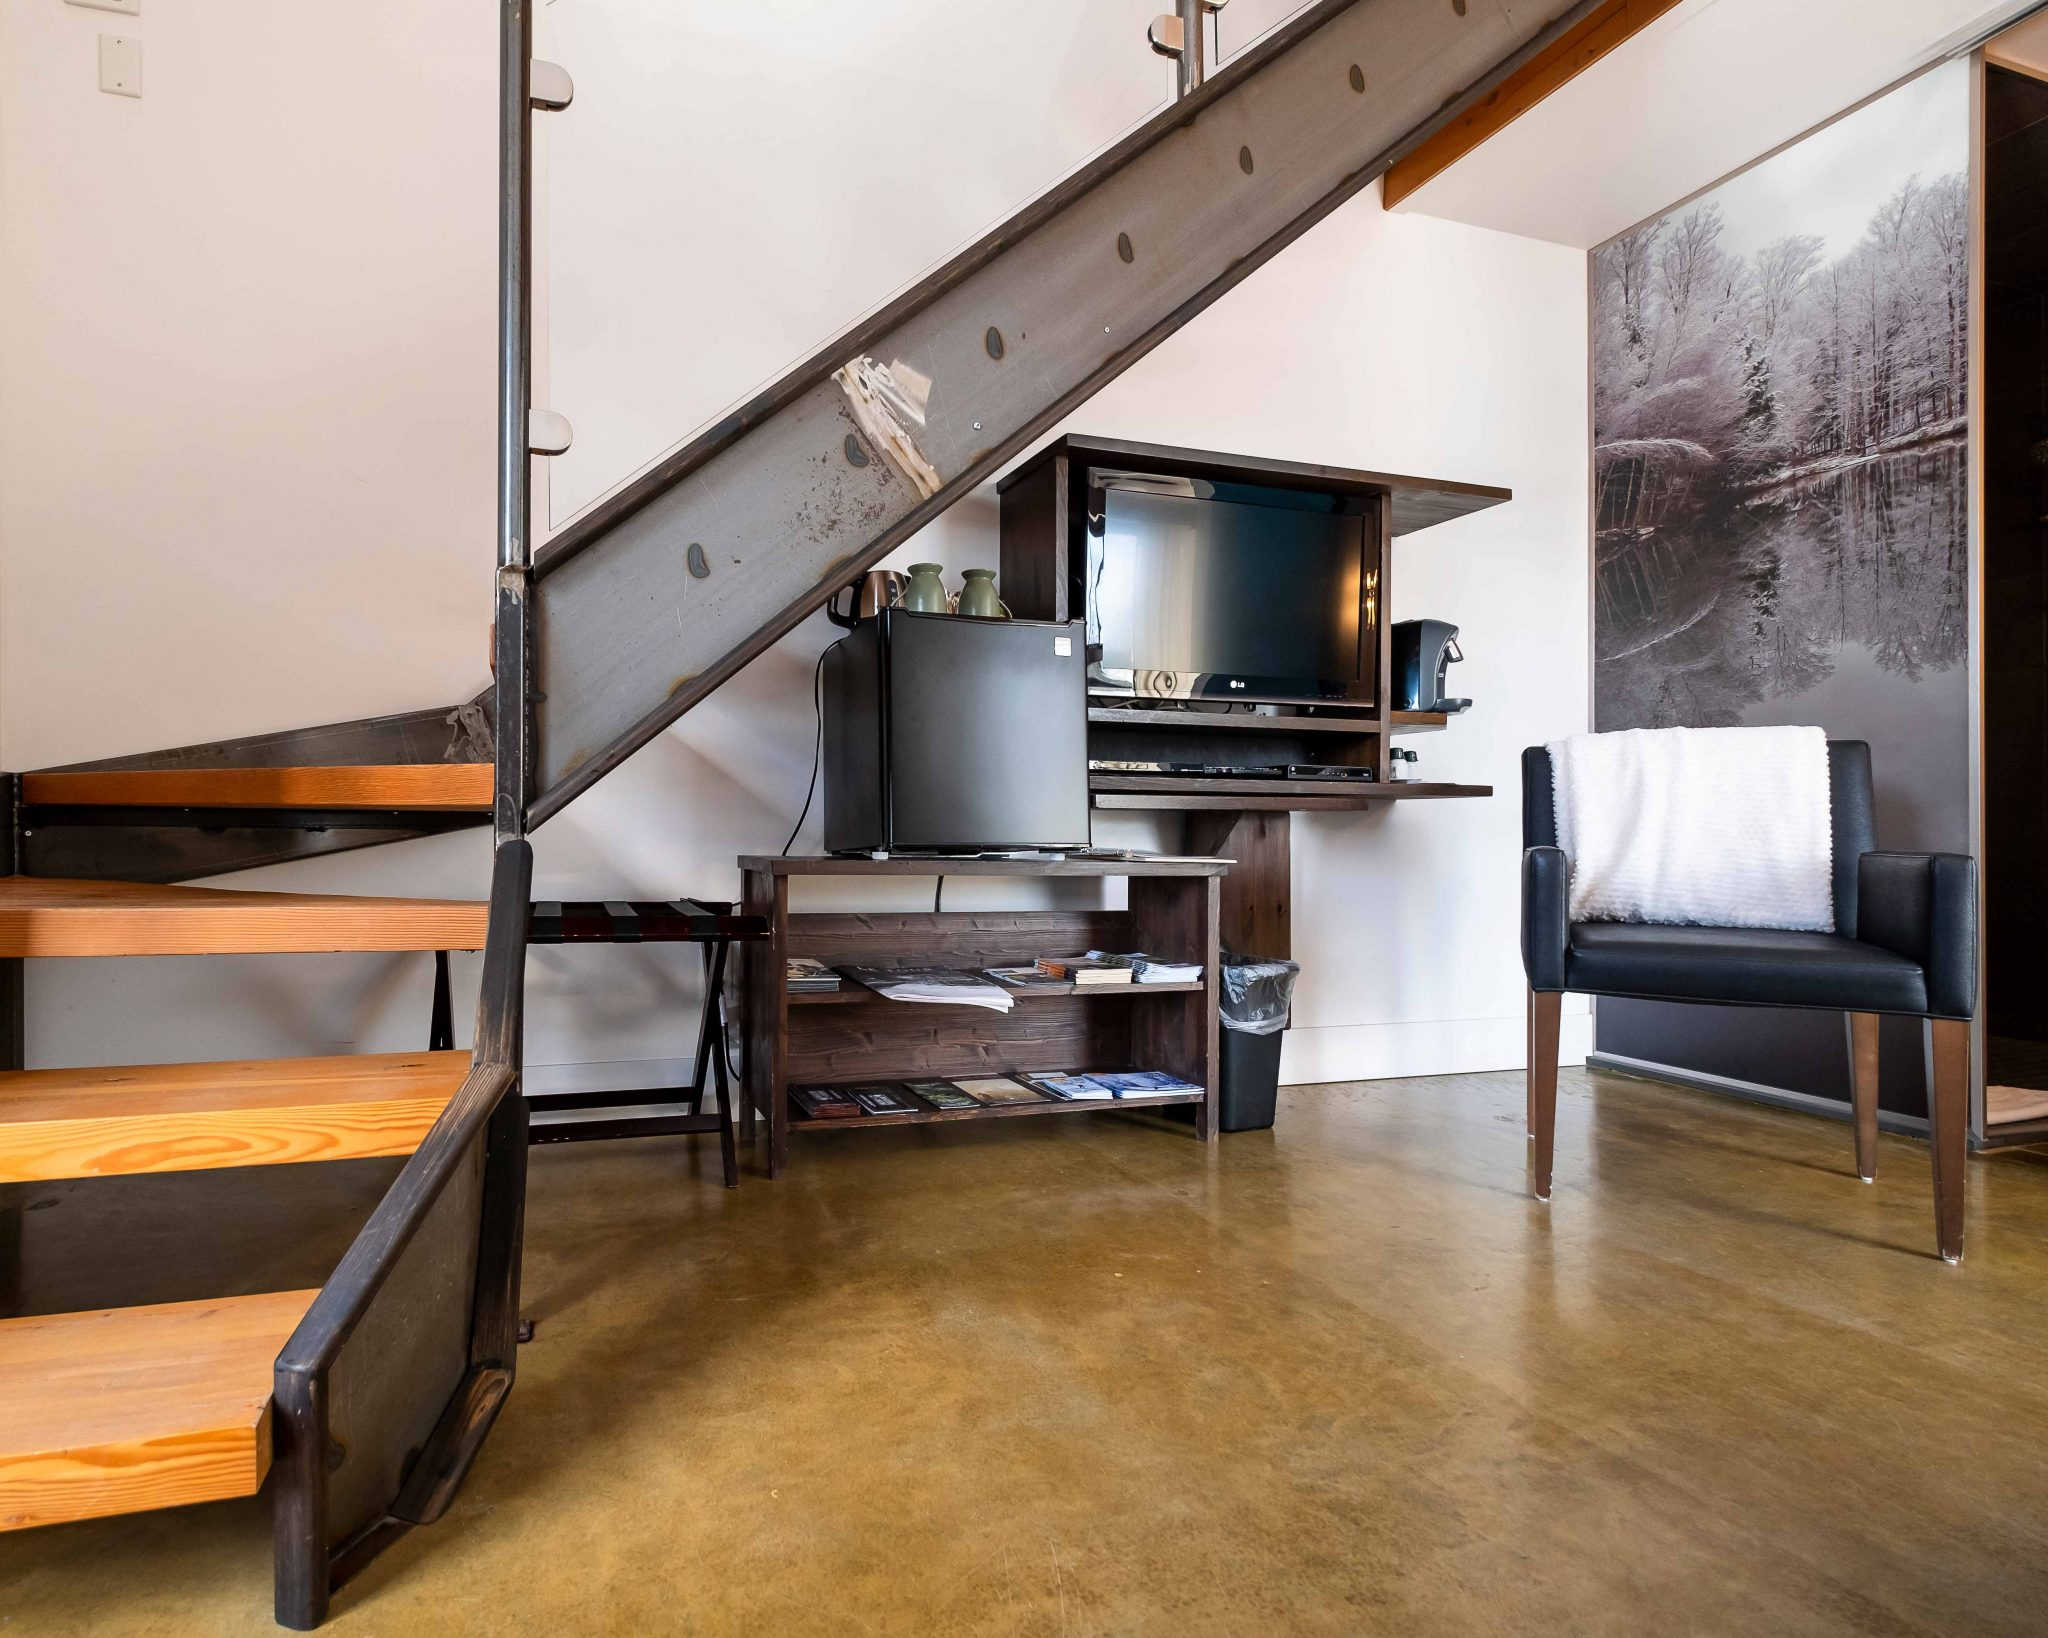 Chambre #1 - Rez-de-chaussée - vue coin télévision | Hébergement à Sutton, Estrie | Auberge Sutton Brouërie